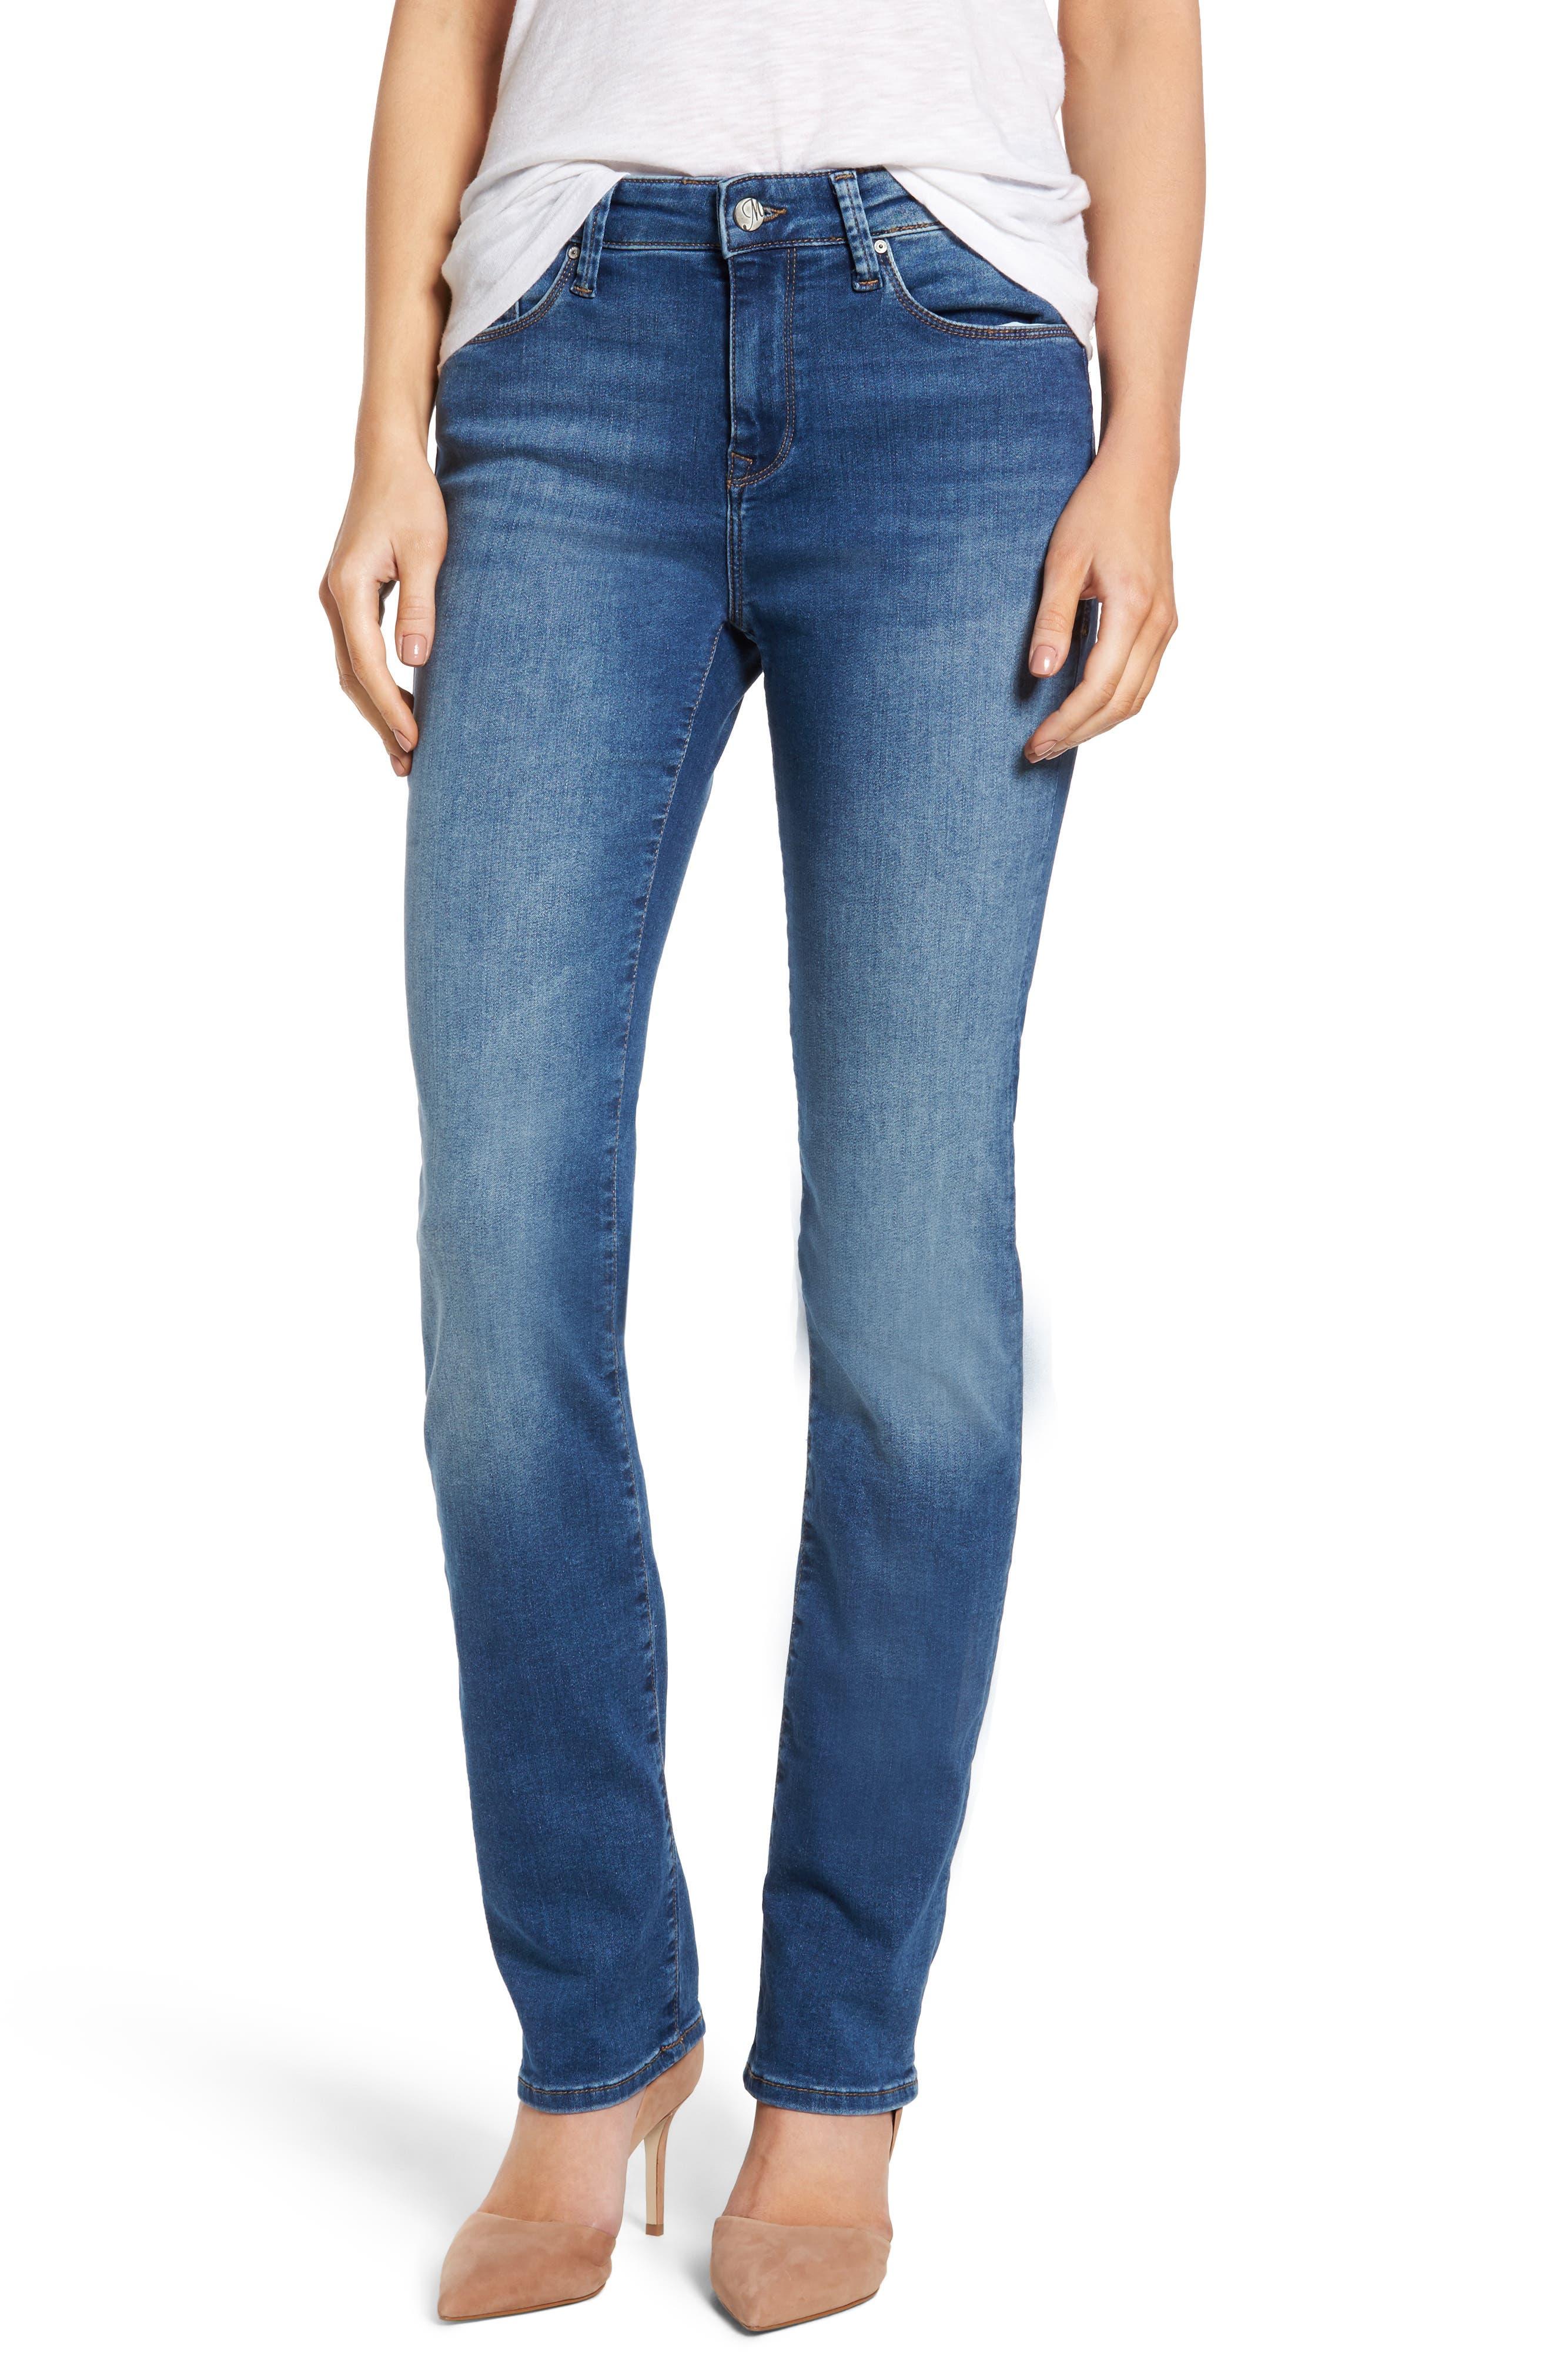 Mavi Jeans Kendra High Waist Stretch Denim Jeans (Mid Soft Shanti)